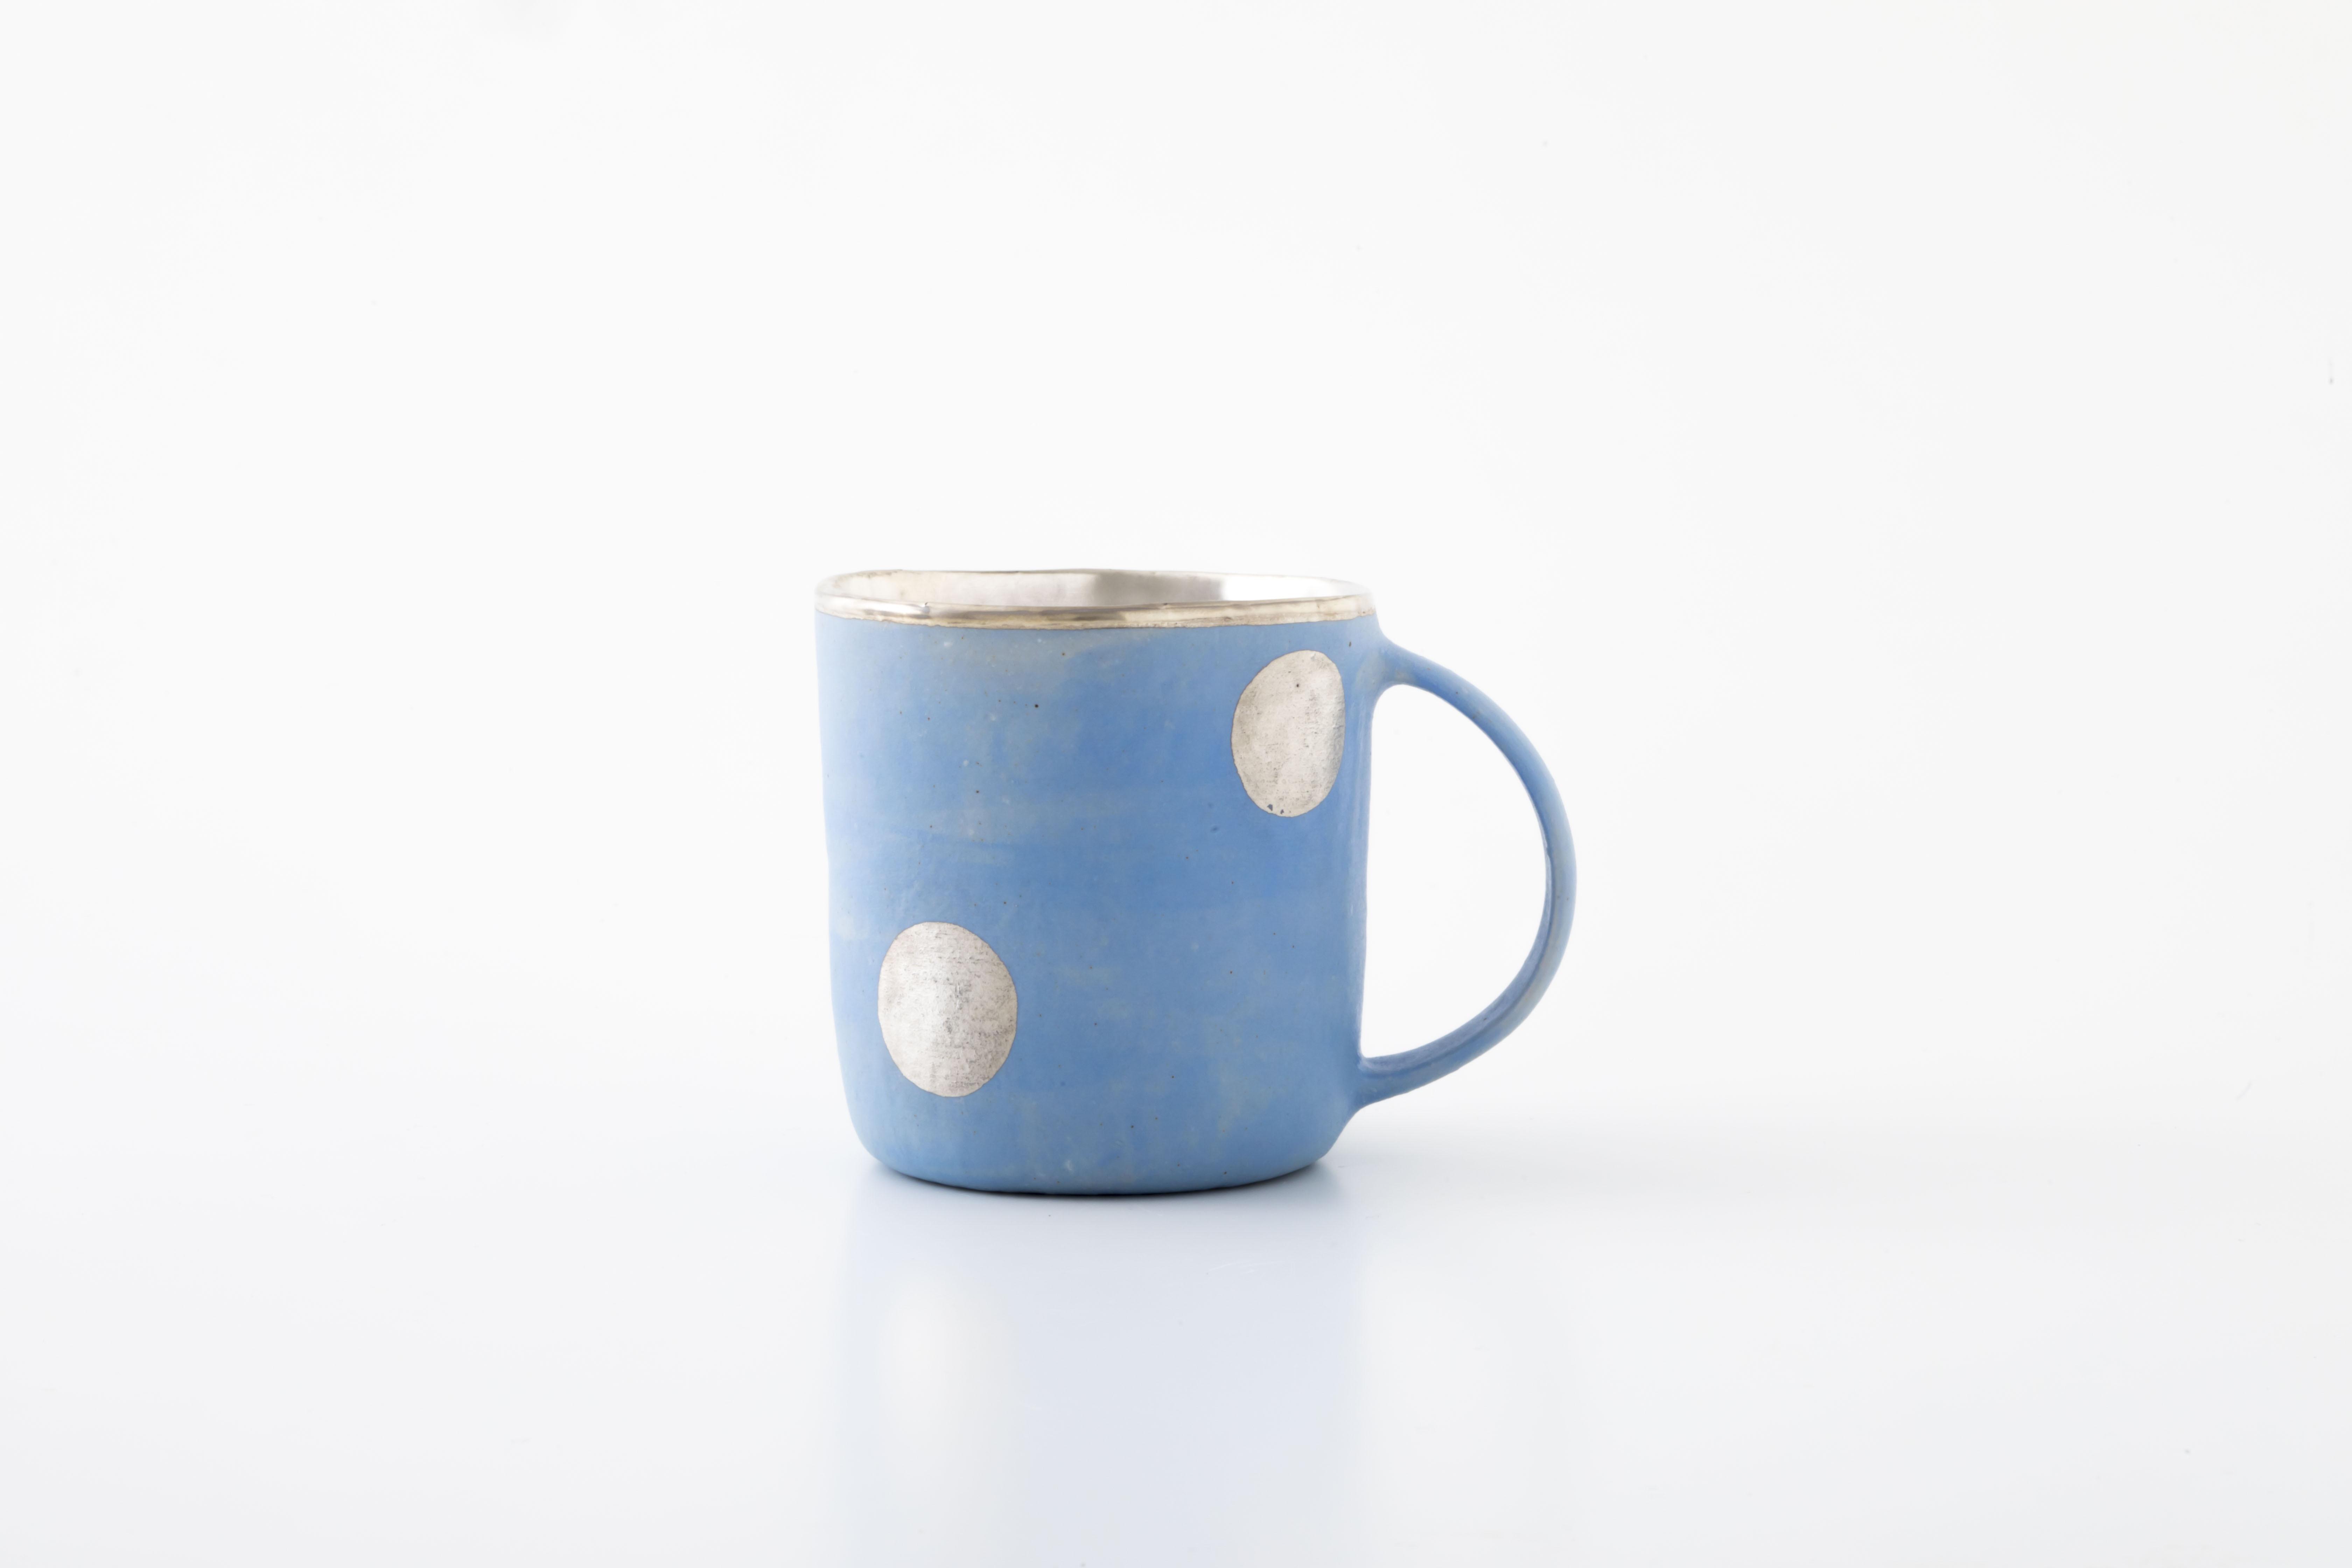 マグカップ:水色(銀彩・ドット・01) / 中囿義光